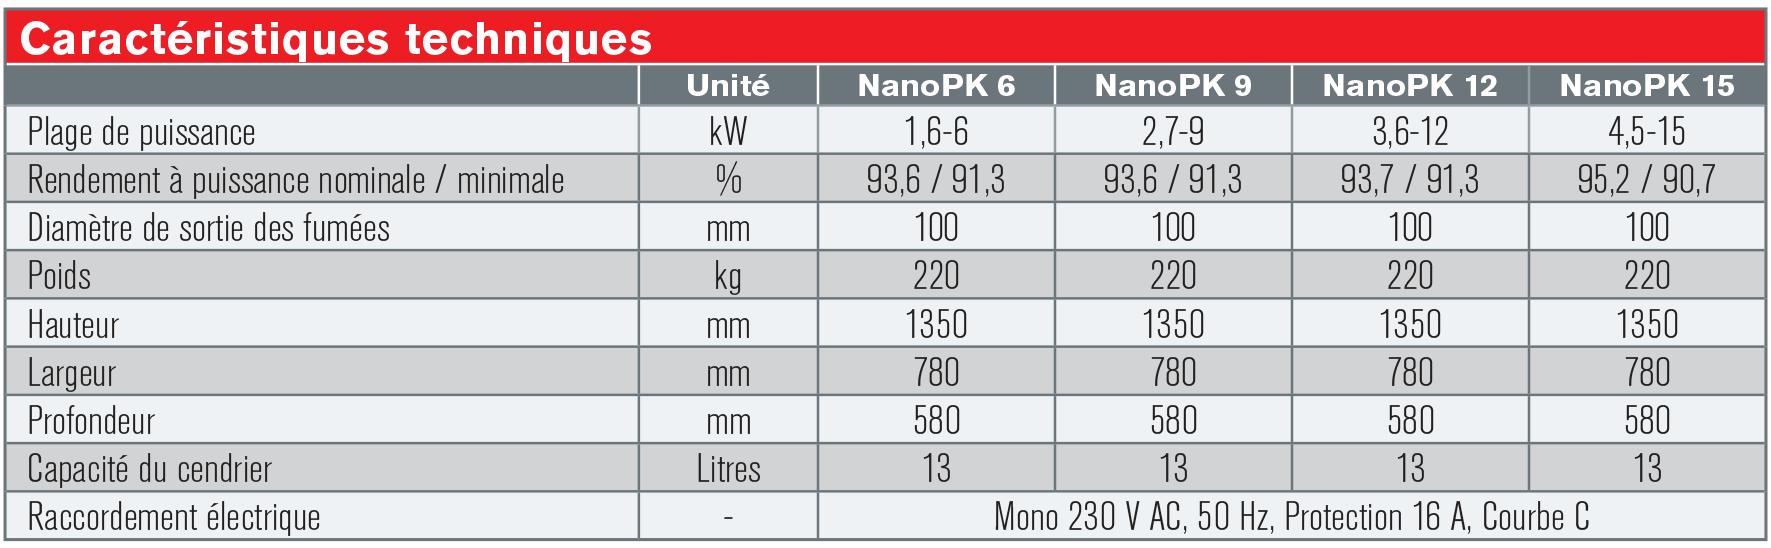 Caracteristiques_techniques_NanoPK6-15